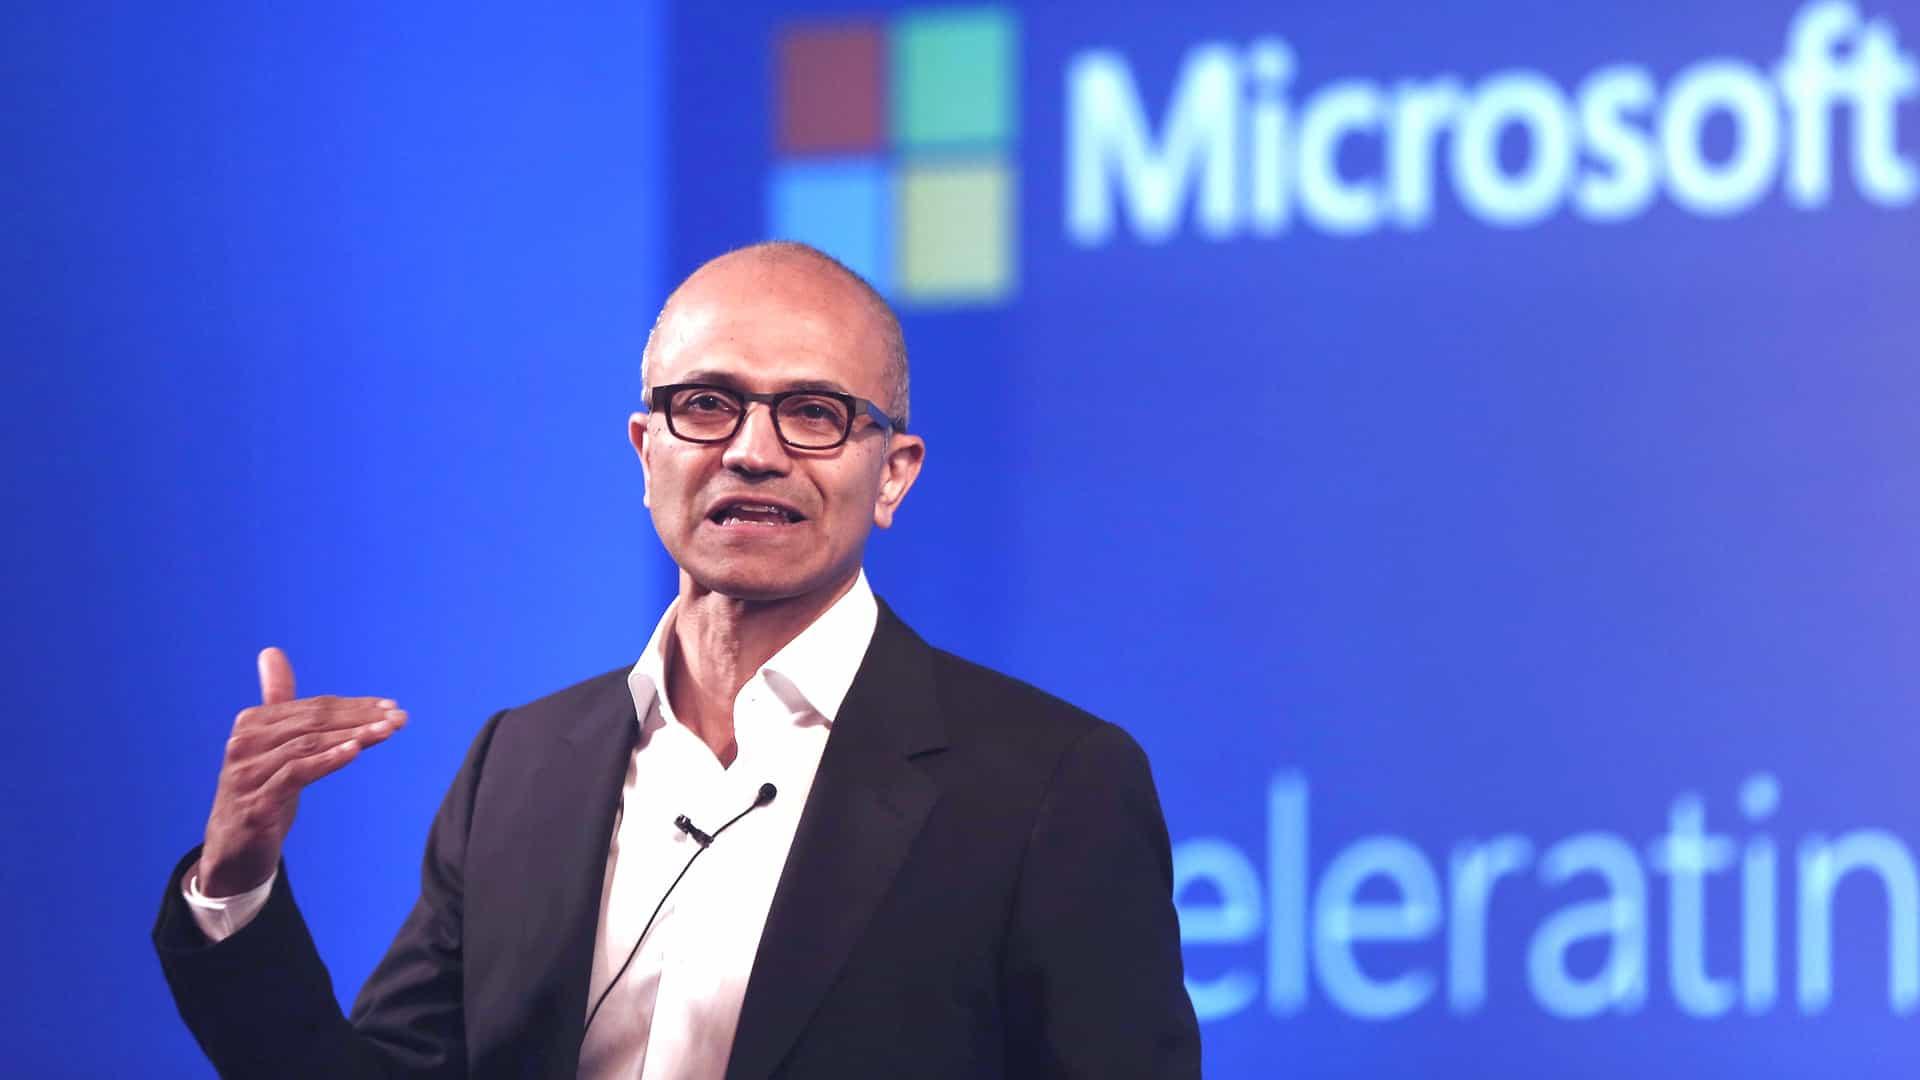 Microsoft CEO Satya Nadella to launch next gen windows